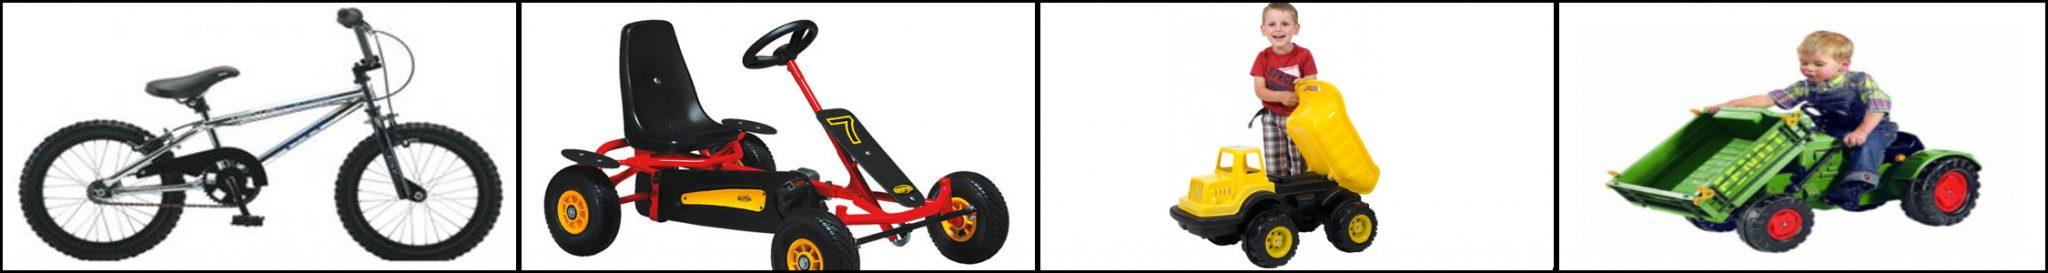 køretøjer